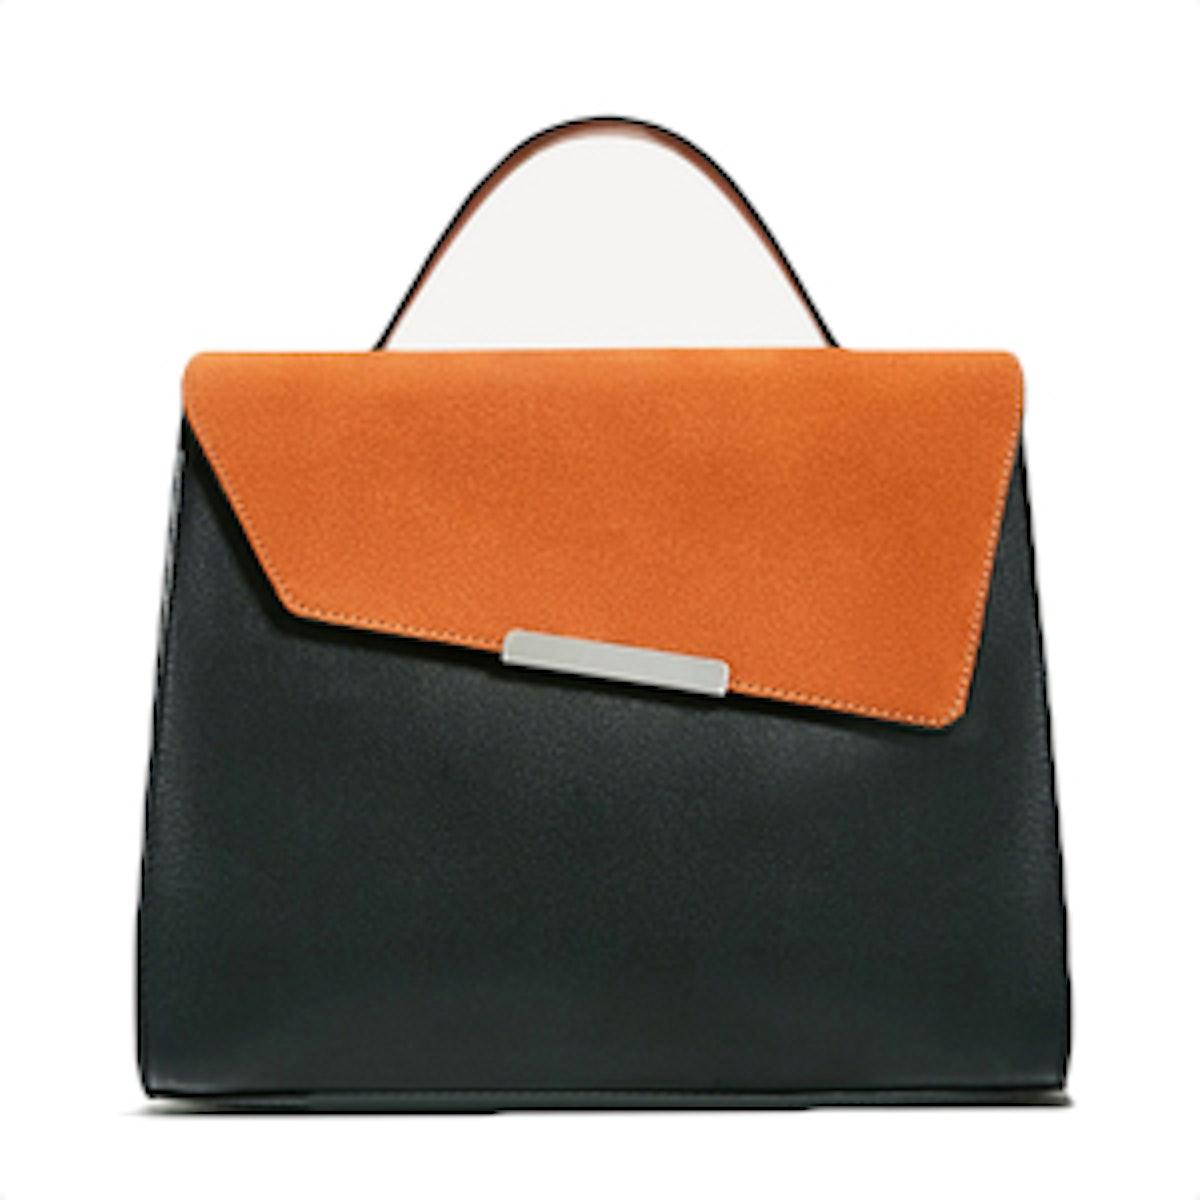 Asymetric Flap City Bag